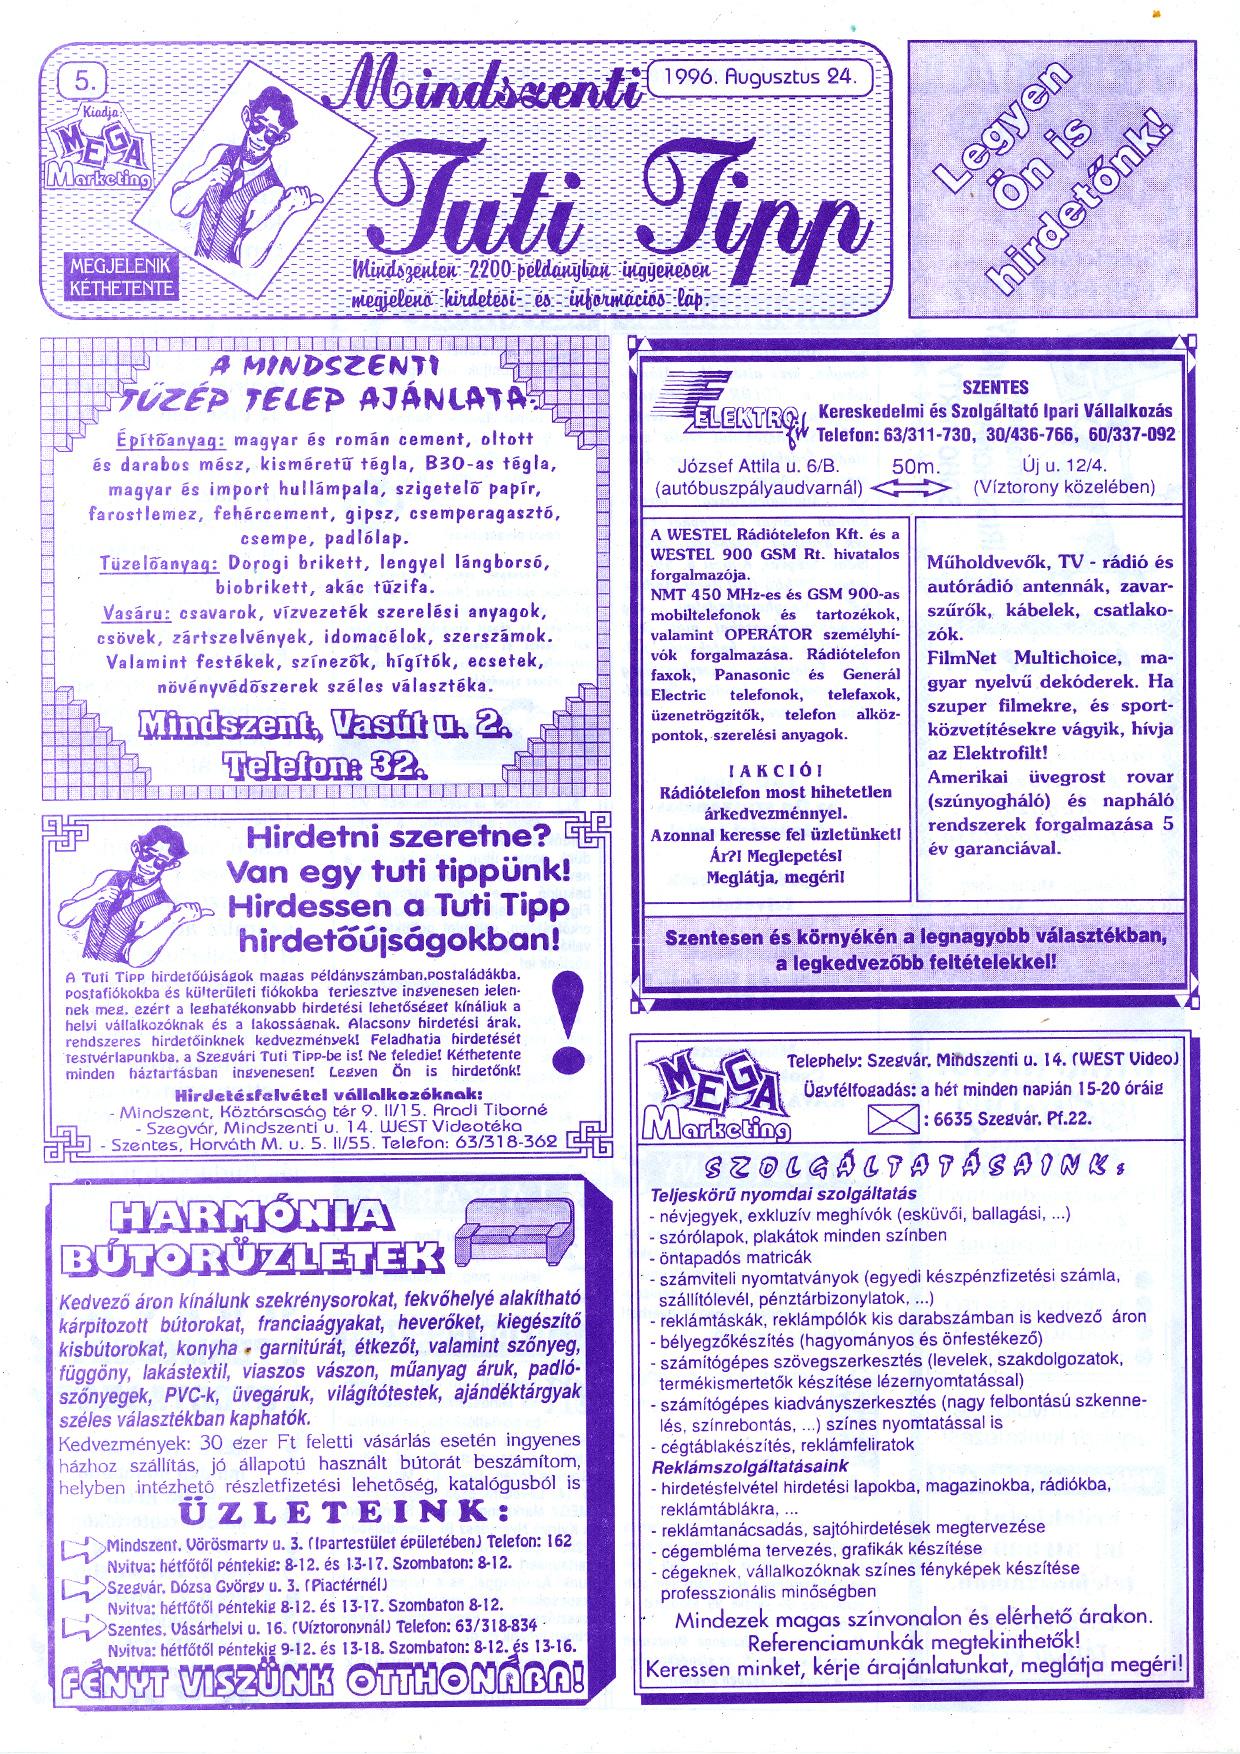 045 Mindszenti Tuti Tipp reklámújság - 19960824-005. lapszám - 1.oldal - II. évfolyam.jpg